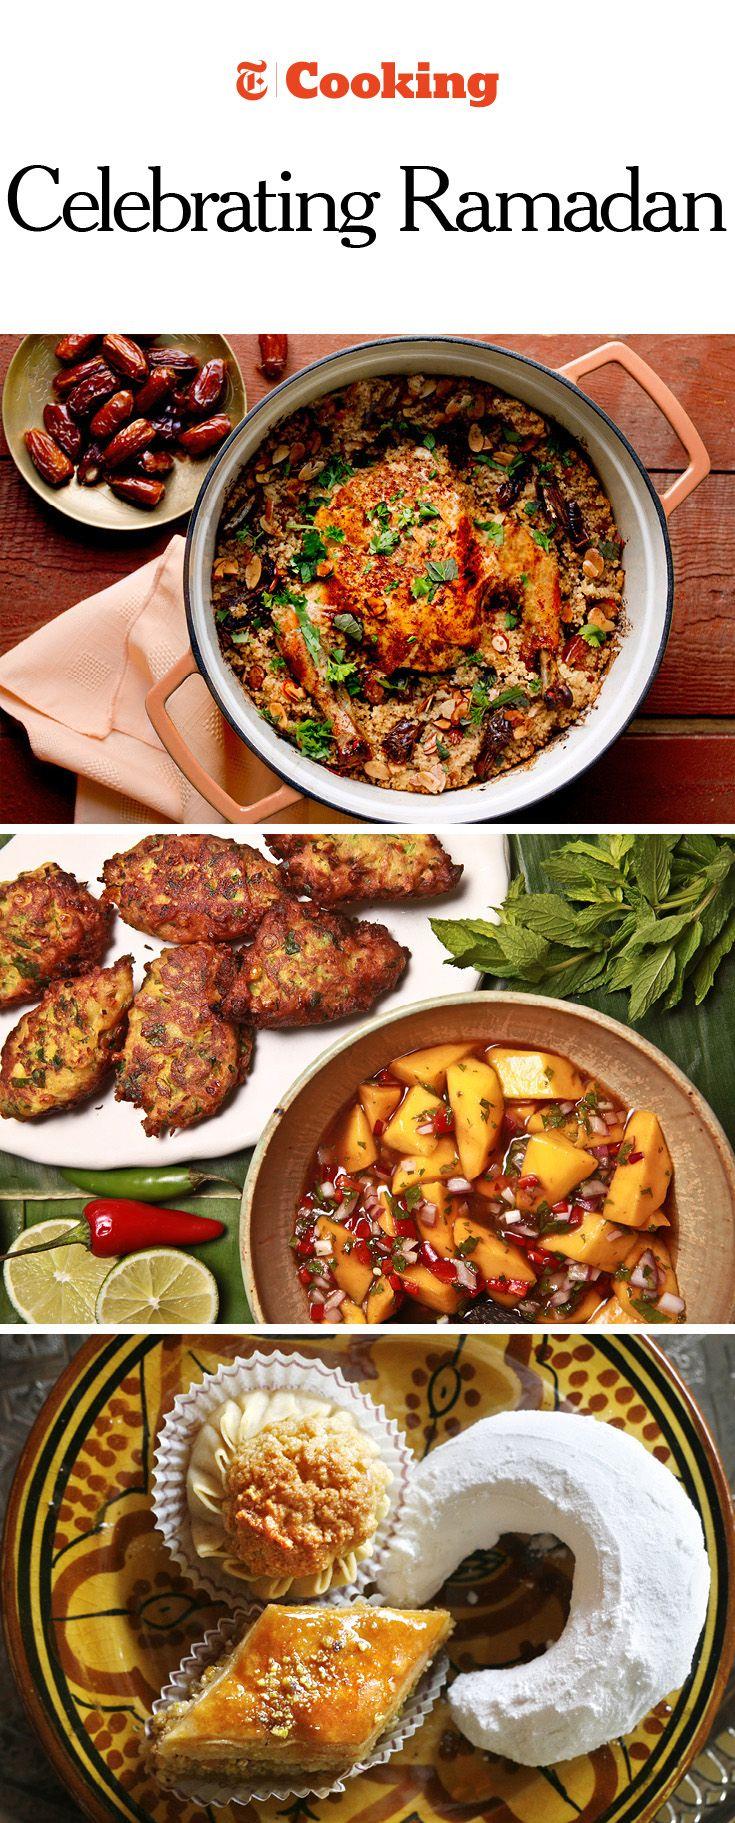 Amazing Filipino Eid Al-Fitr Feast - 0a5a241db4a173a422837278ee4044ec--eid-recipes-ramadan-recipes  You Should Have_176915 .jpg